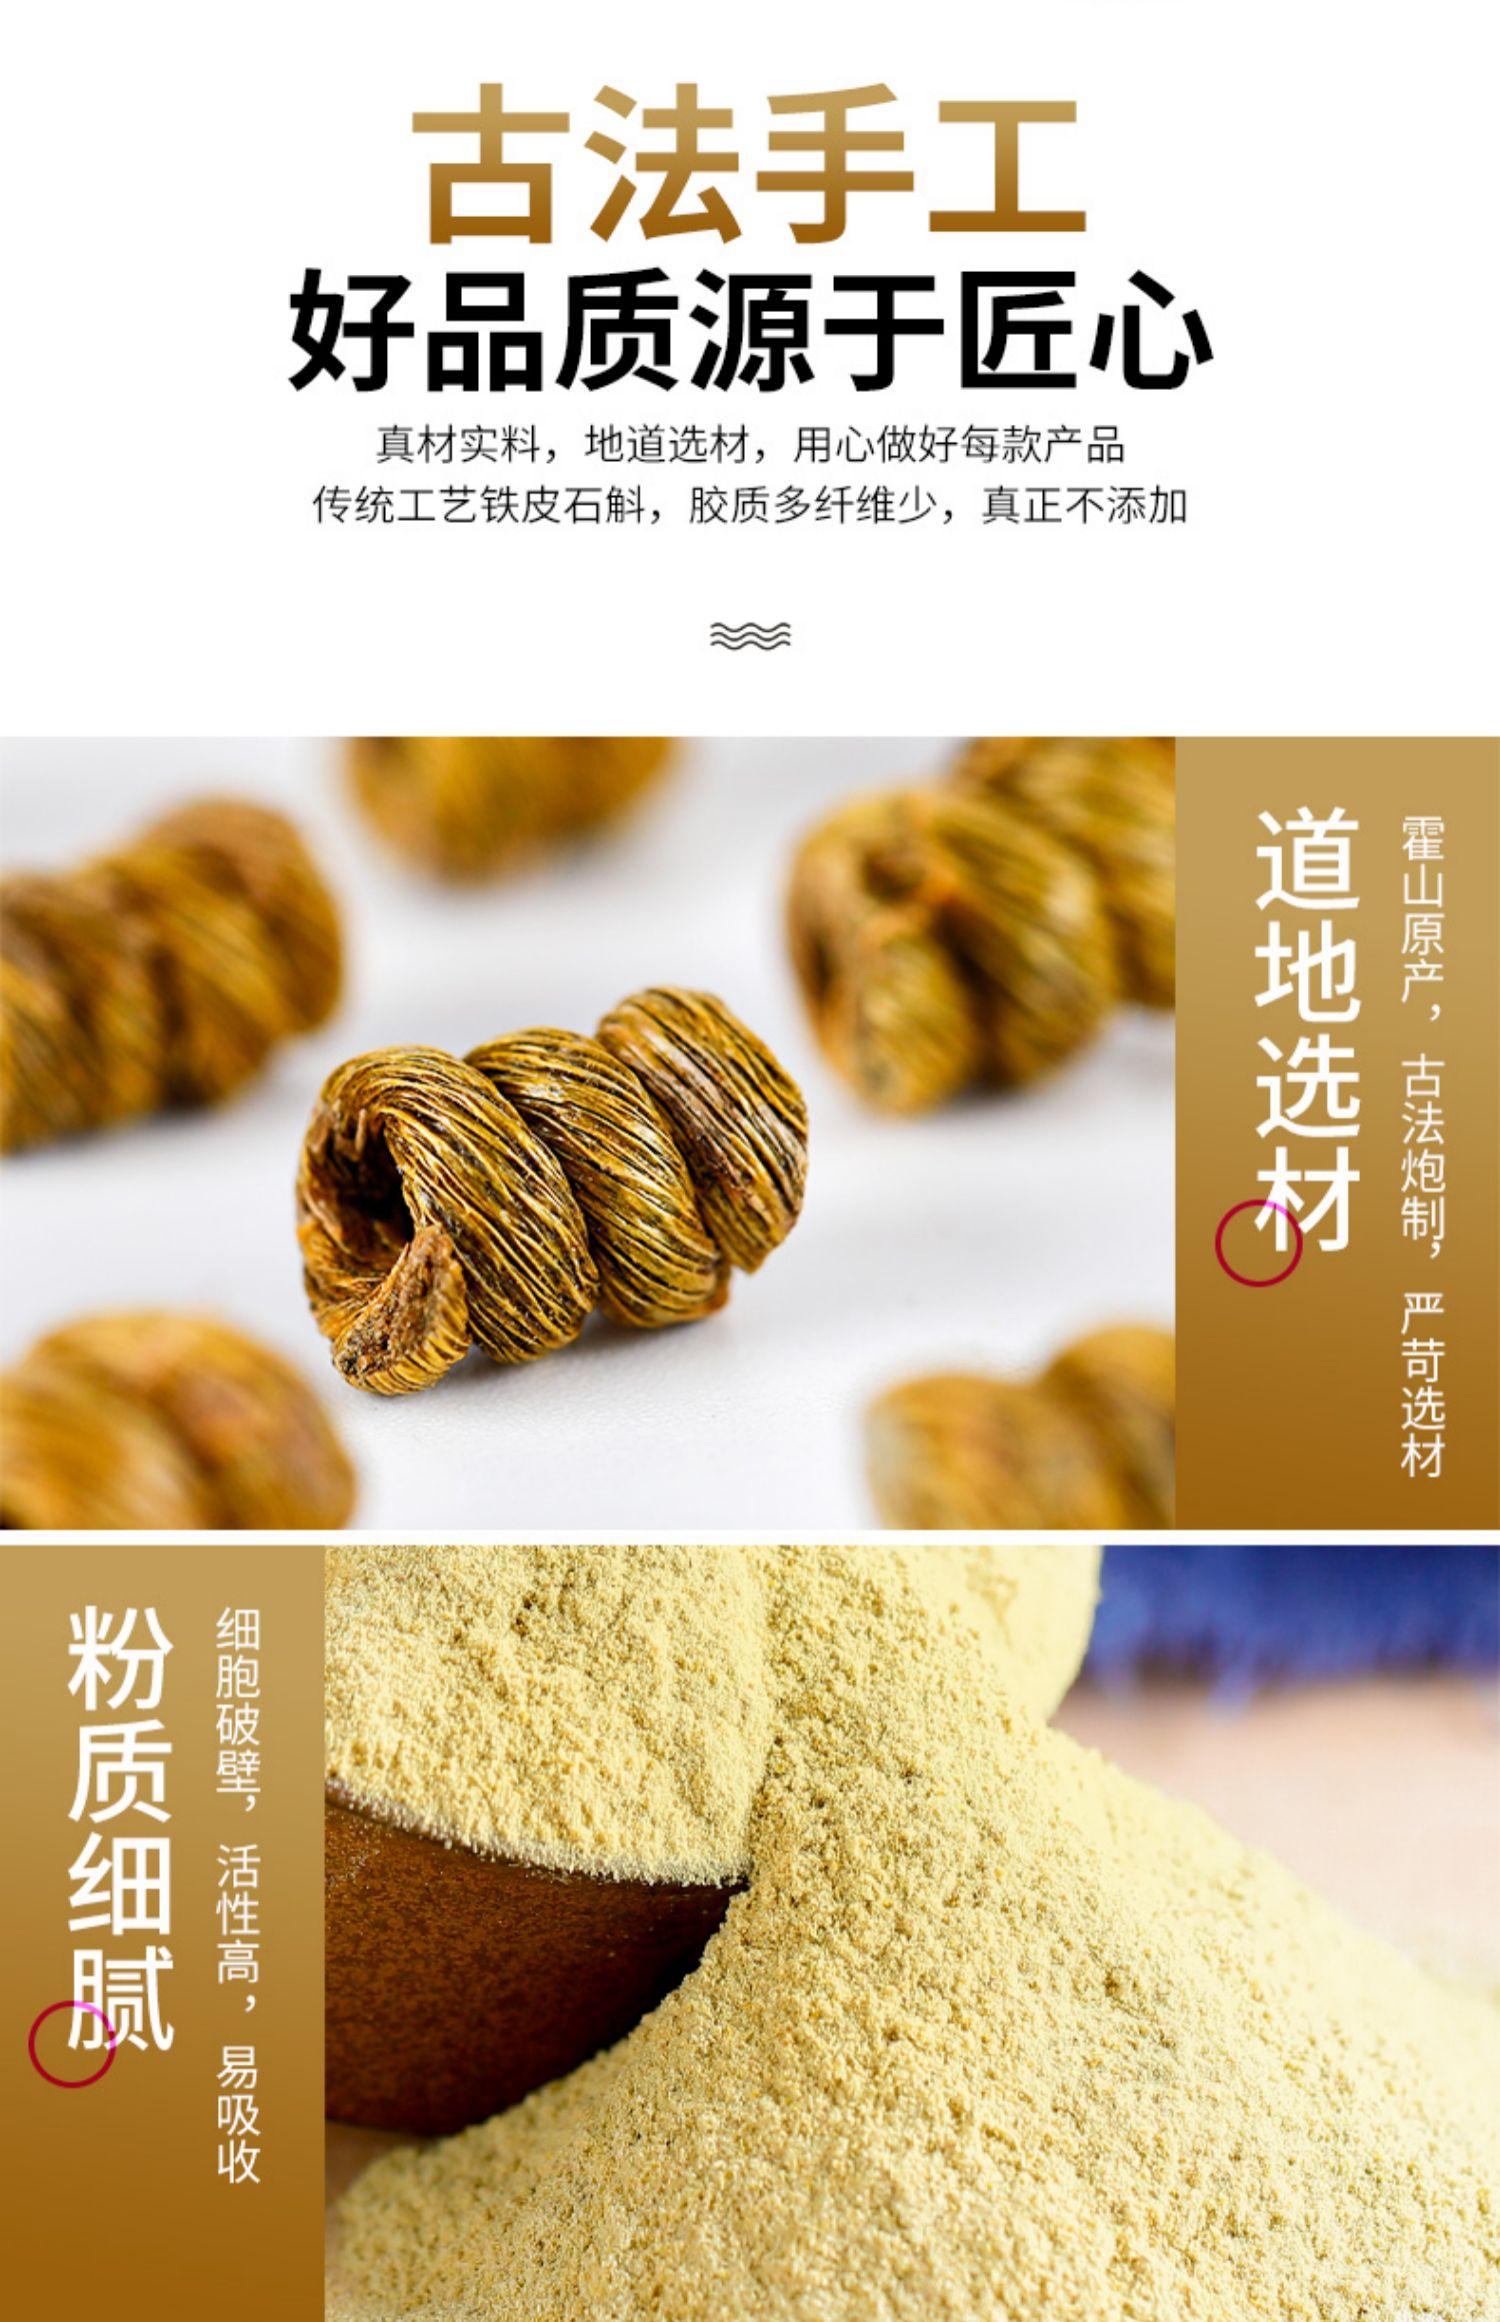 【修正】霍山铁皮石斛粉纯粉石斛茶30g